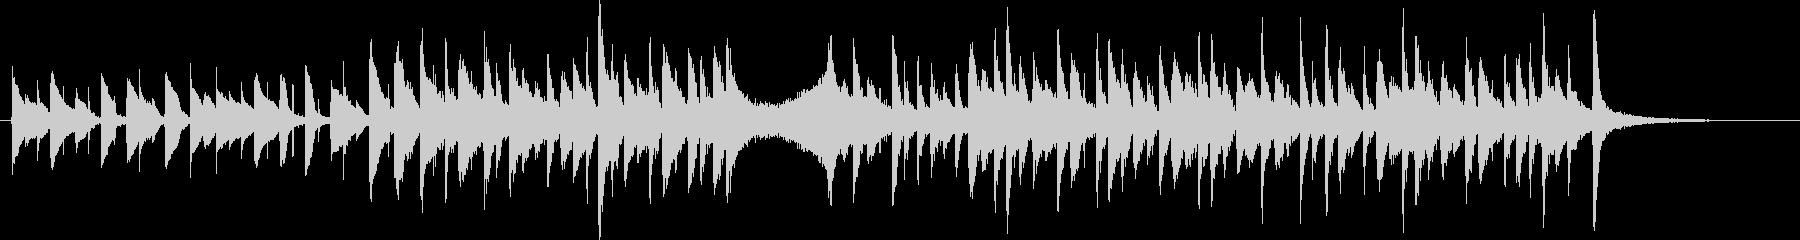 ラテン ジャズ バサノバ タンゴ ...の未再生の波形